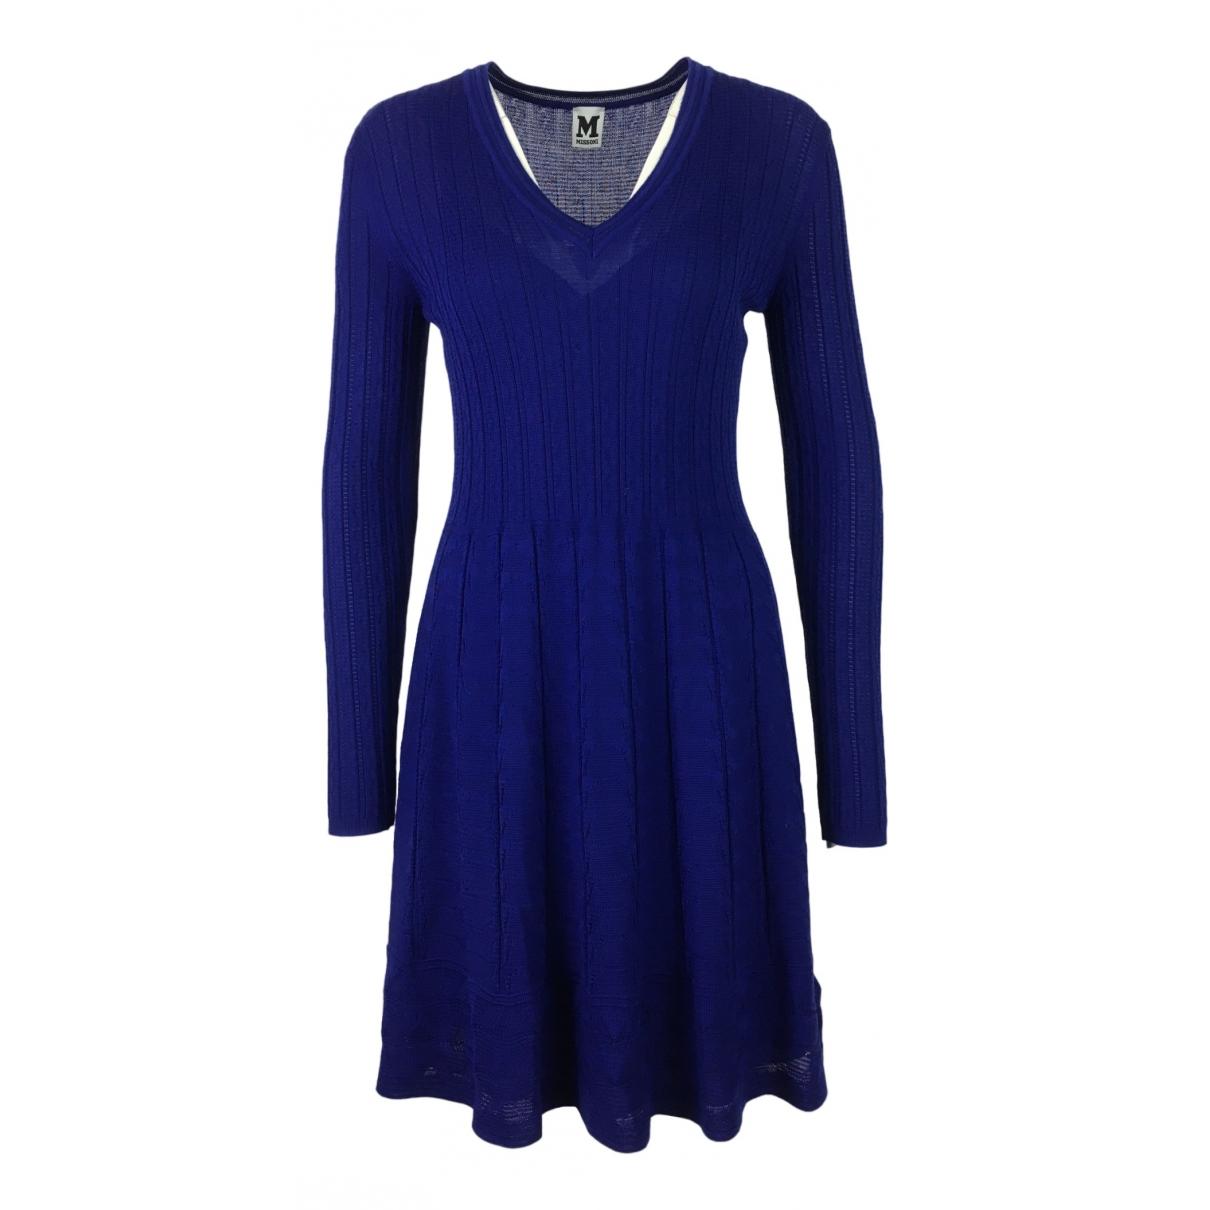 M Missoni \N Blue Wool dress for Women 40 IT